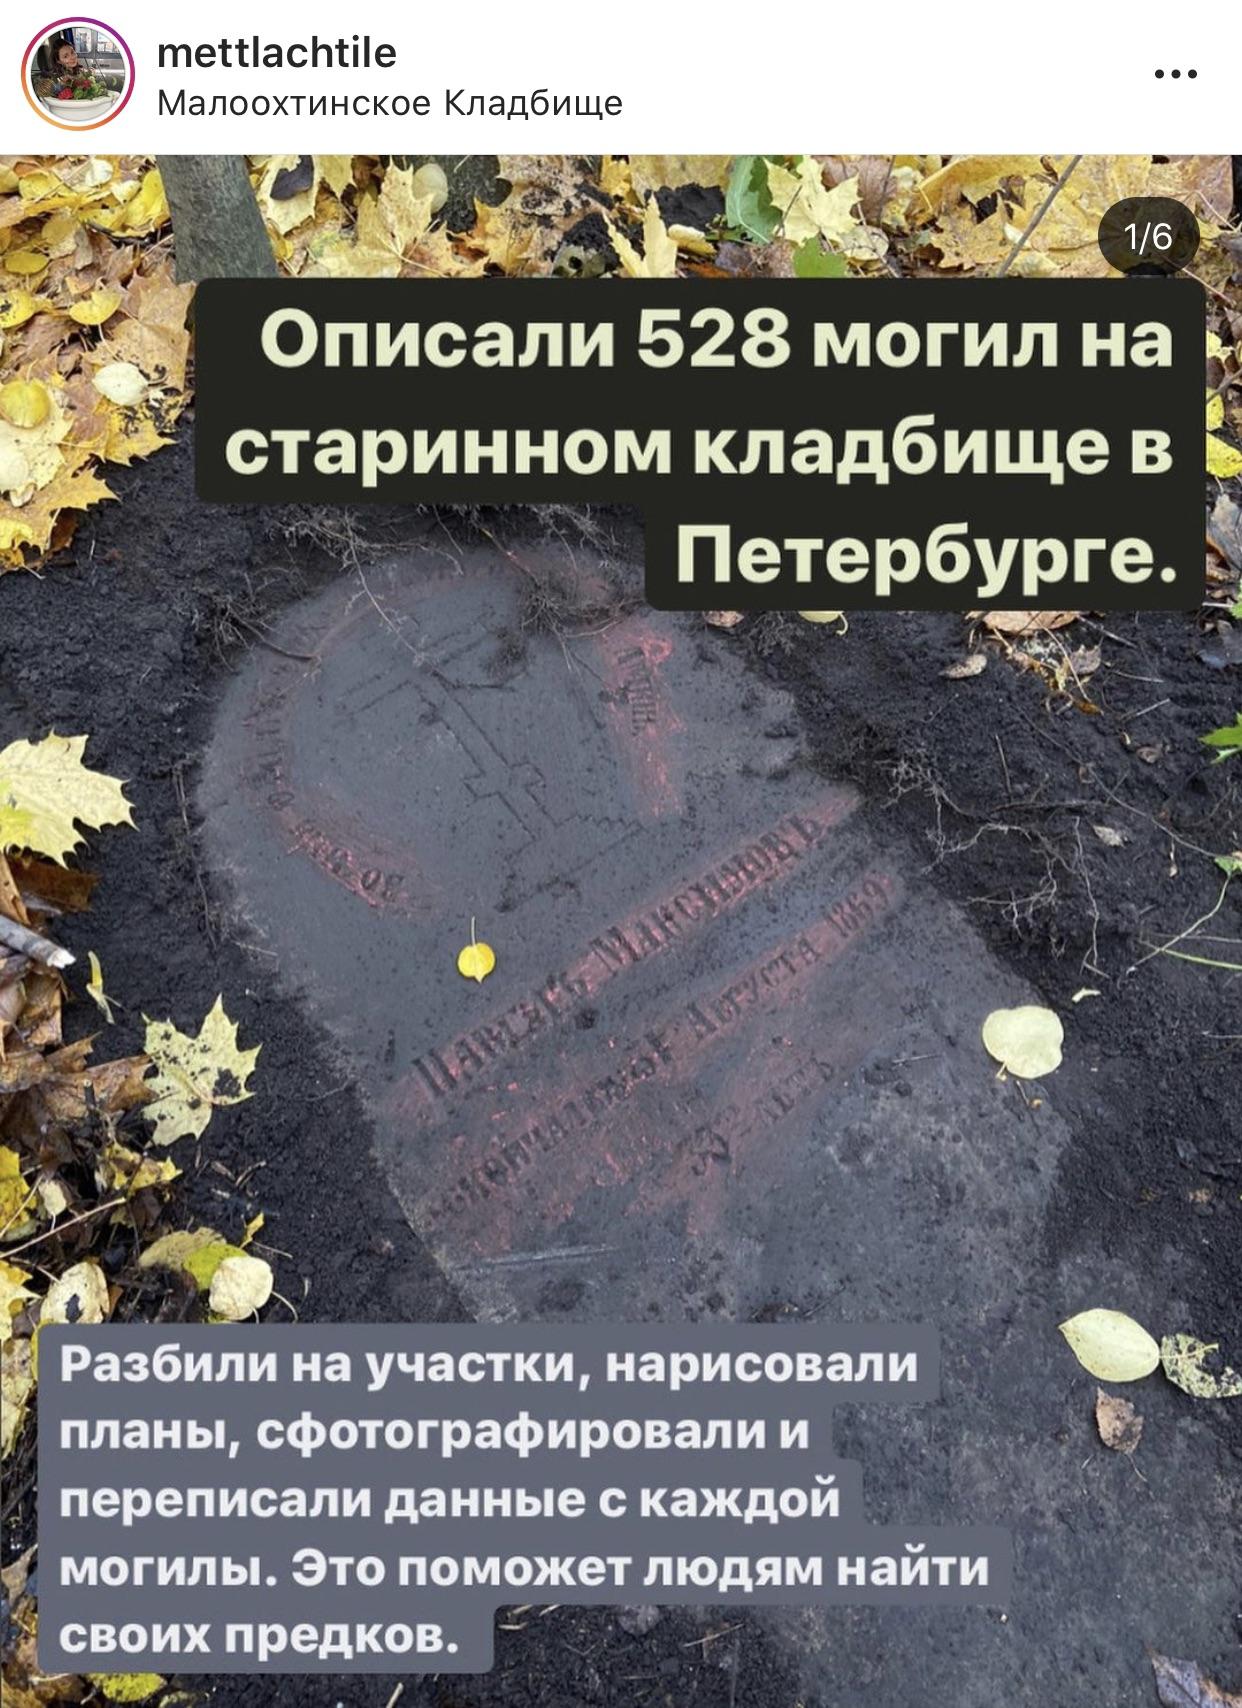 @mettlachtile - Ксения Сидорина - часть питерского #гэнгъ, который чистит заросшие ЖЭКовской краской парадные и не только. Сейчас у них прошла акция - описывали с энтузиастами могилы на Малоохтинском кладбище.